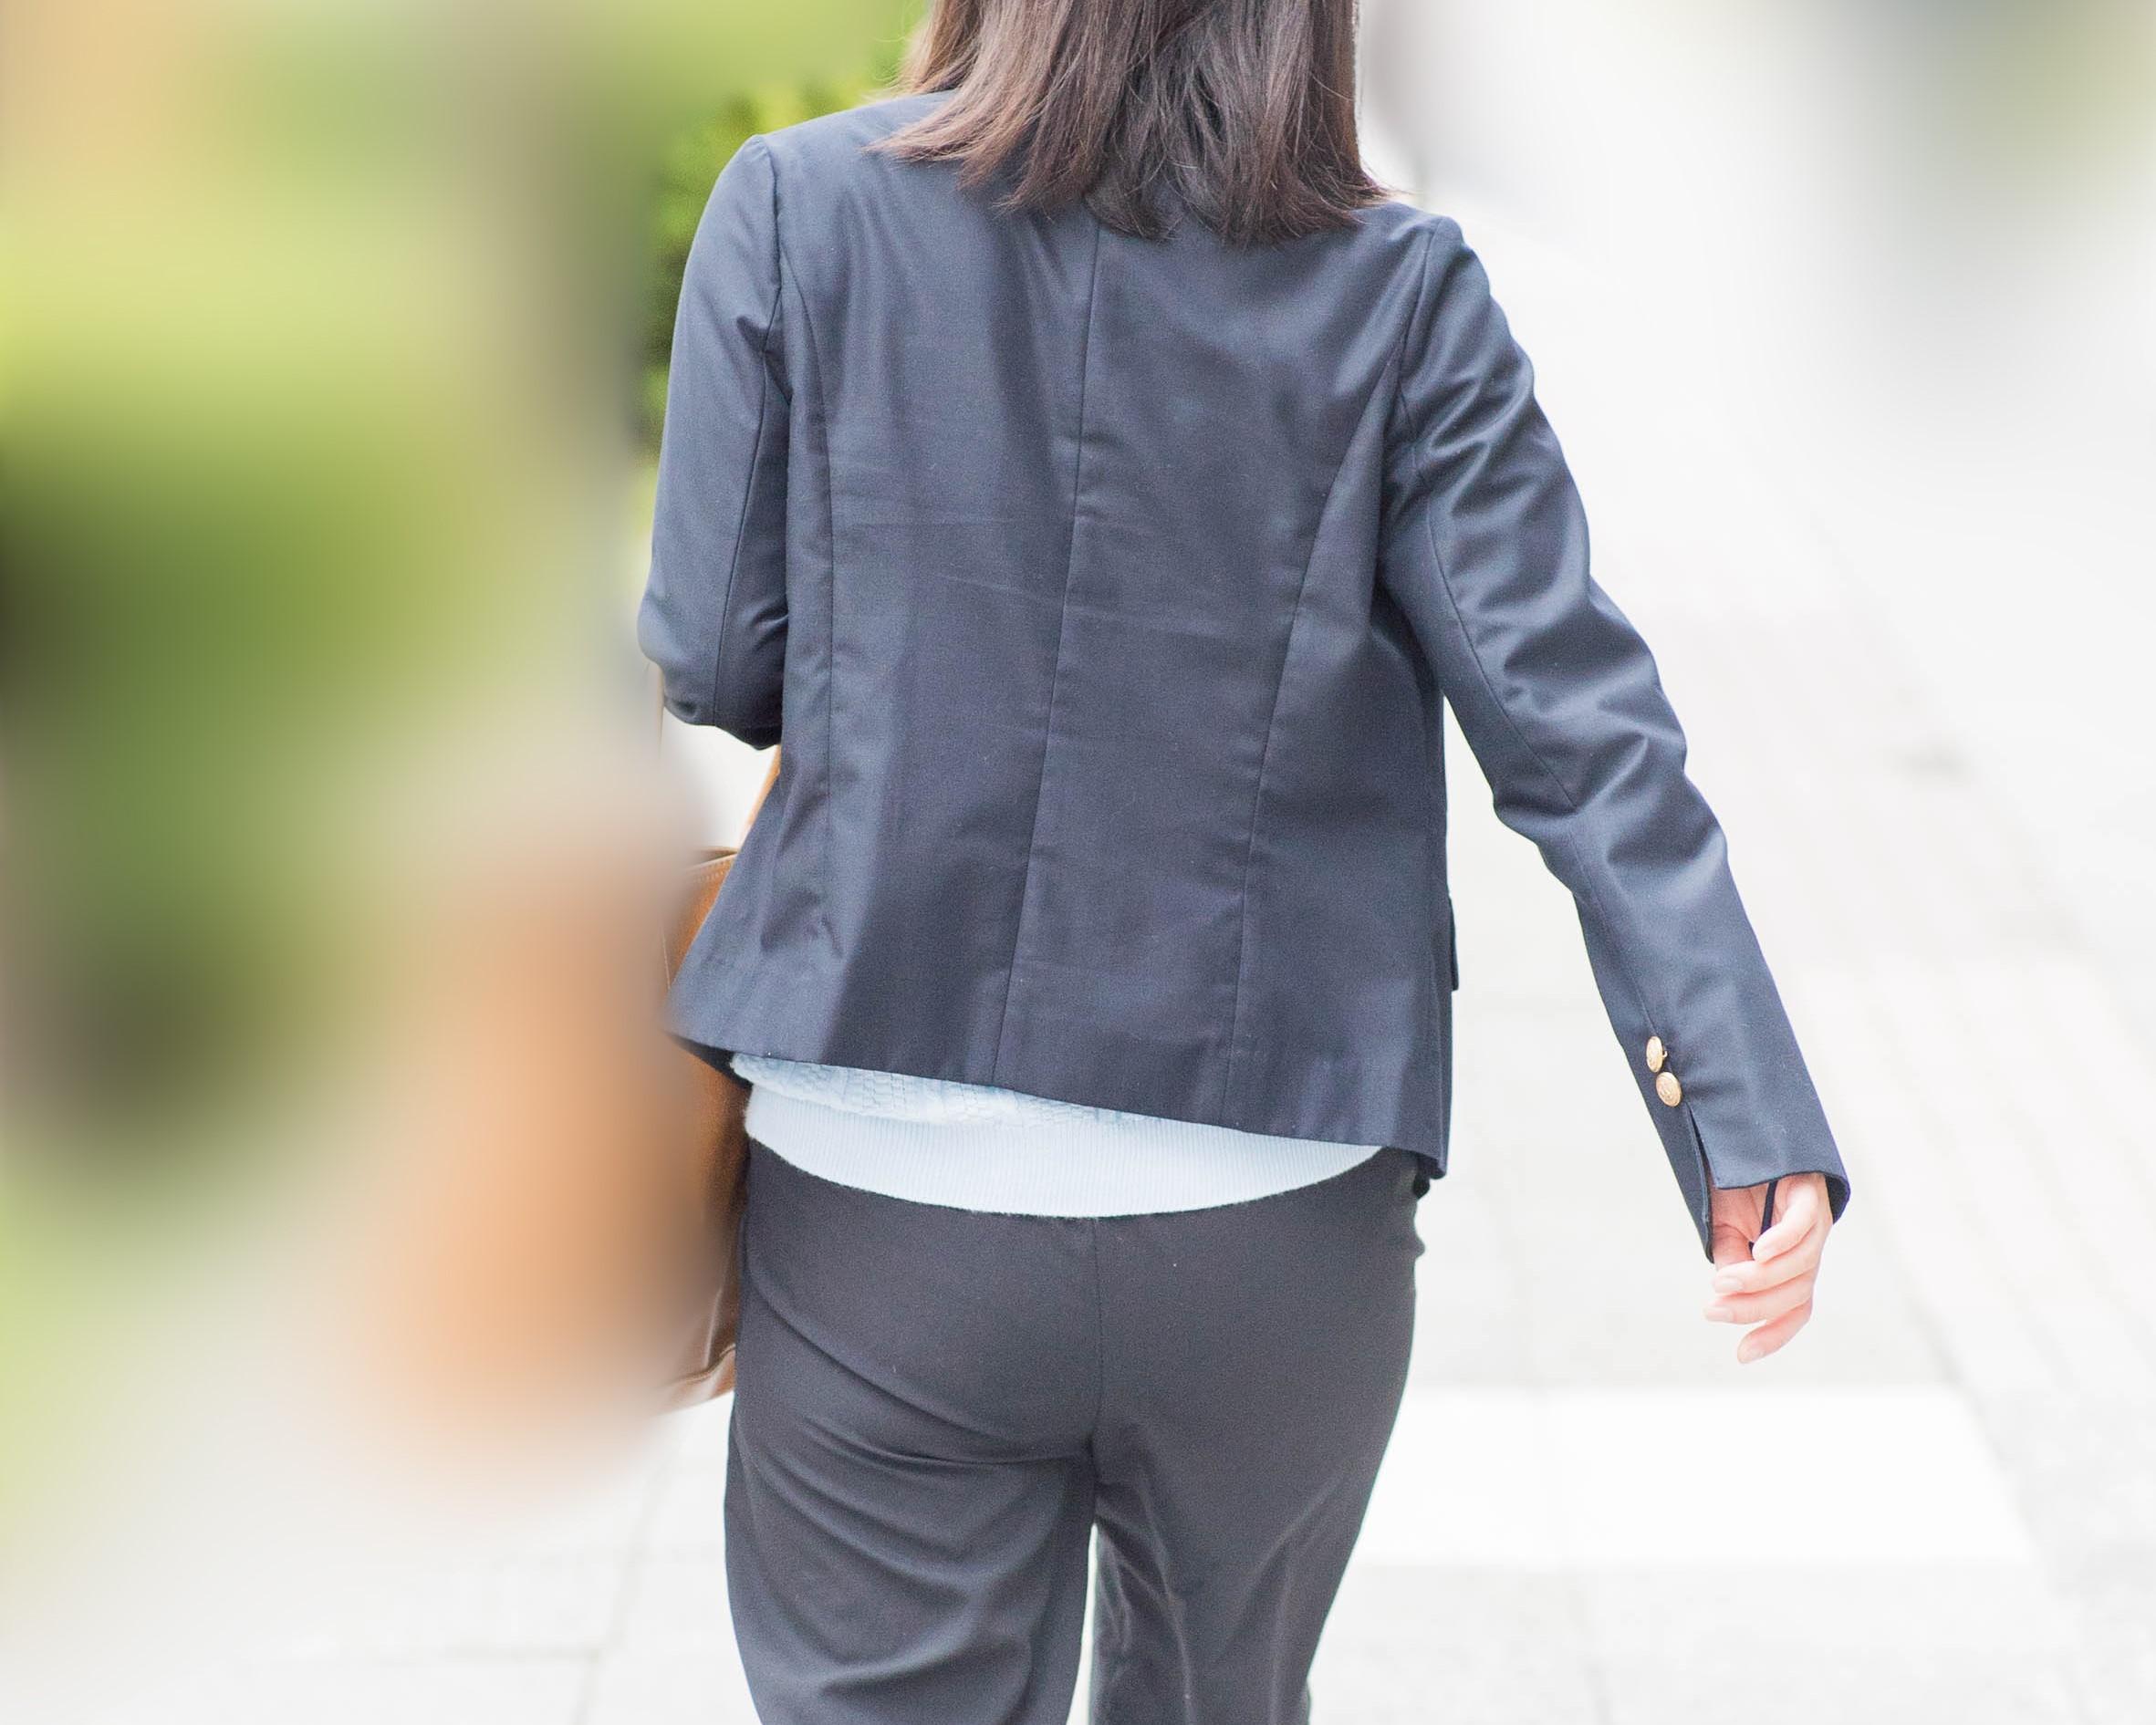 OLさんのパンツスーツ!熟女のV字パンティラインをどうぞ!